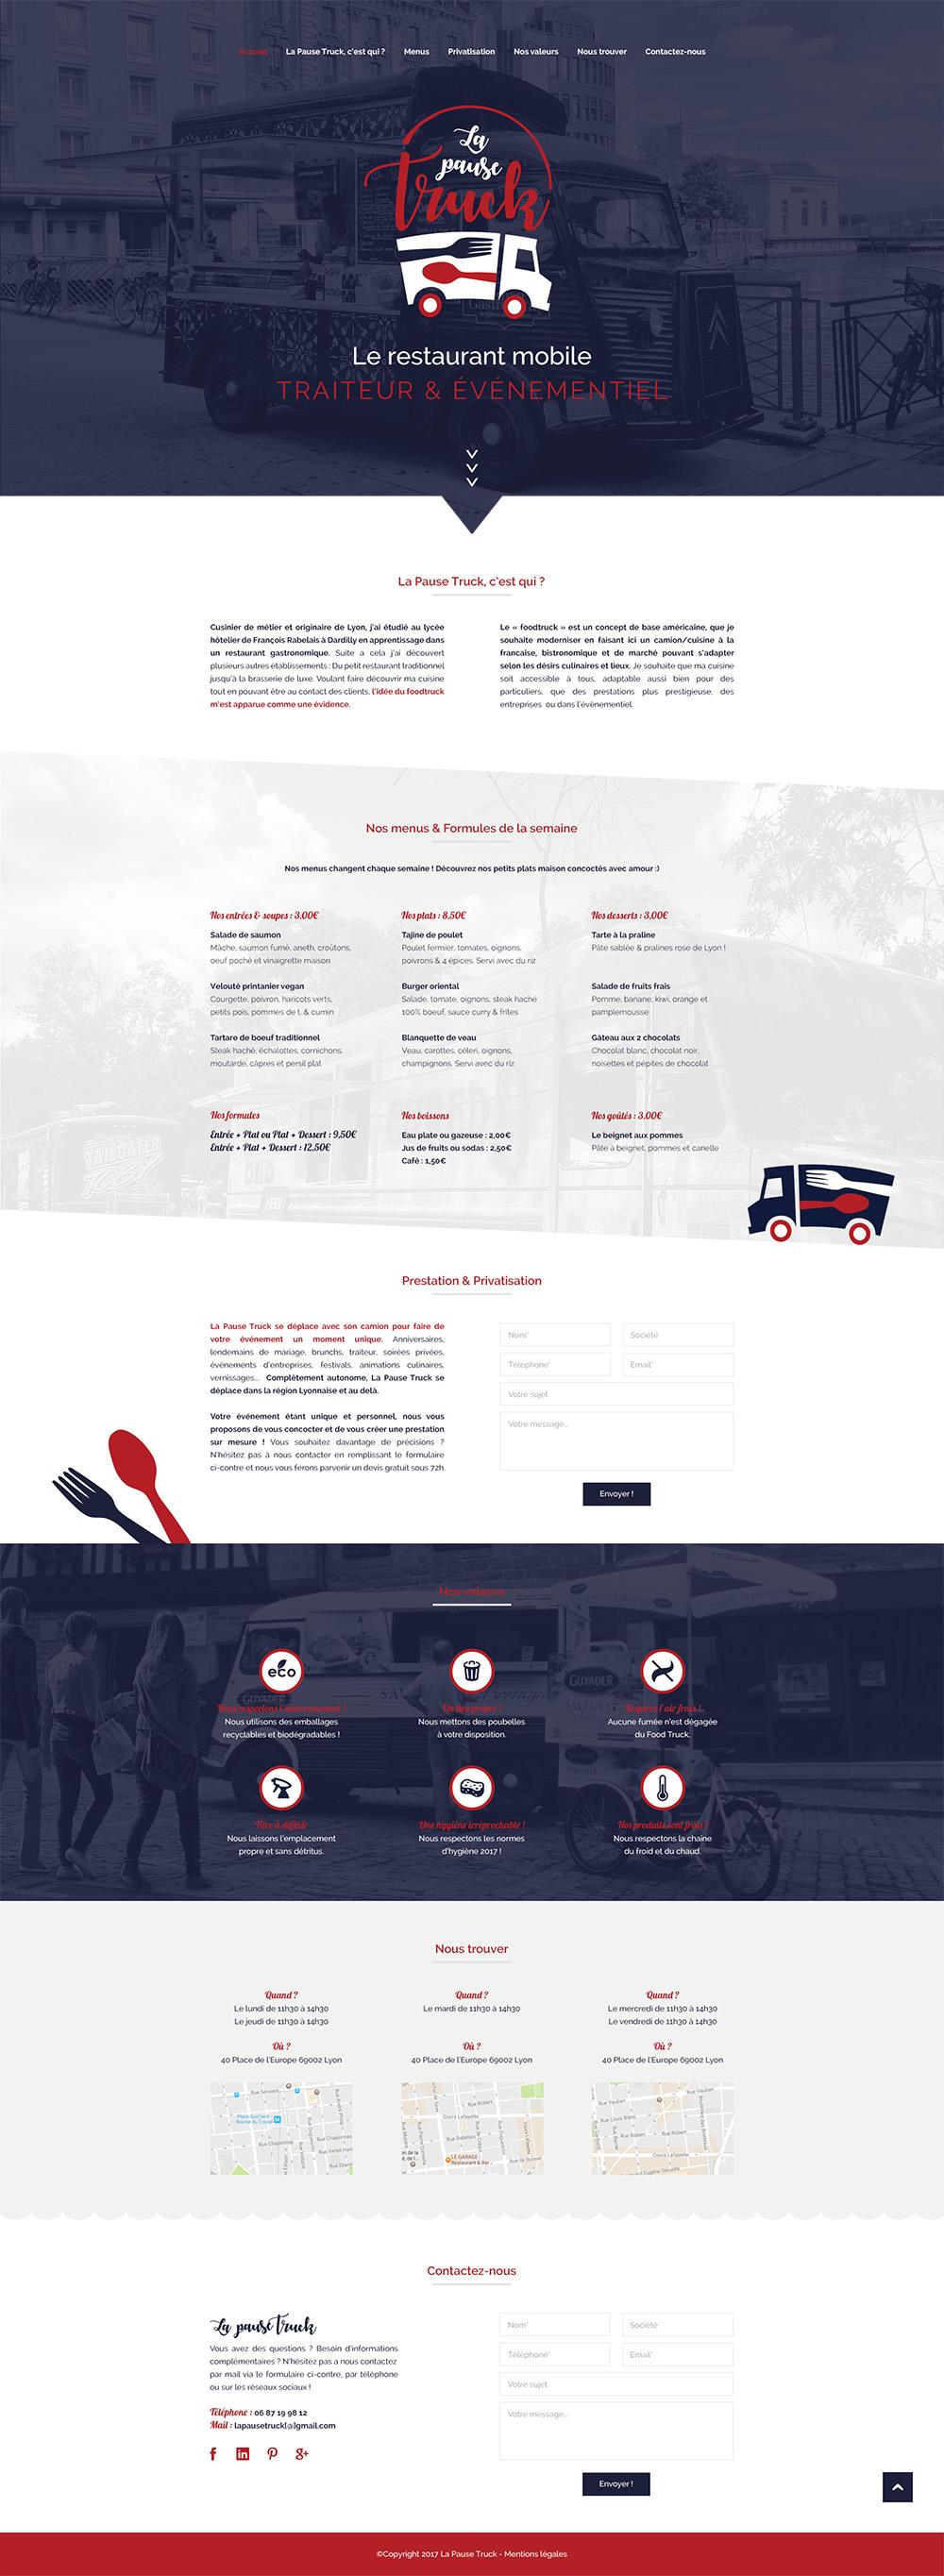 byedel_webdesign_la_pause_truck_lyon_69